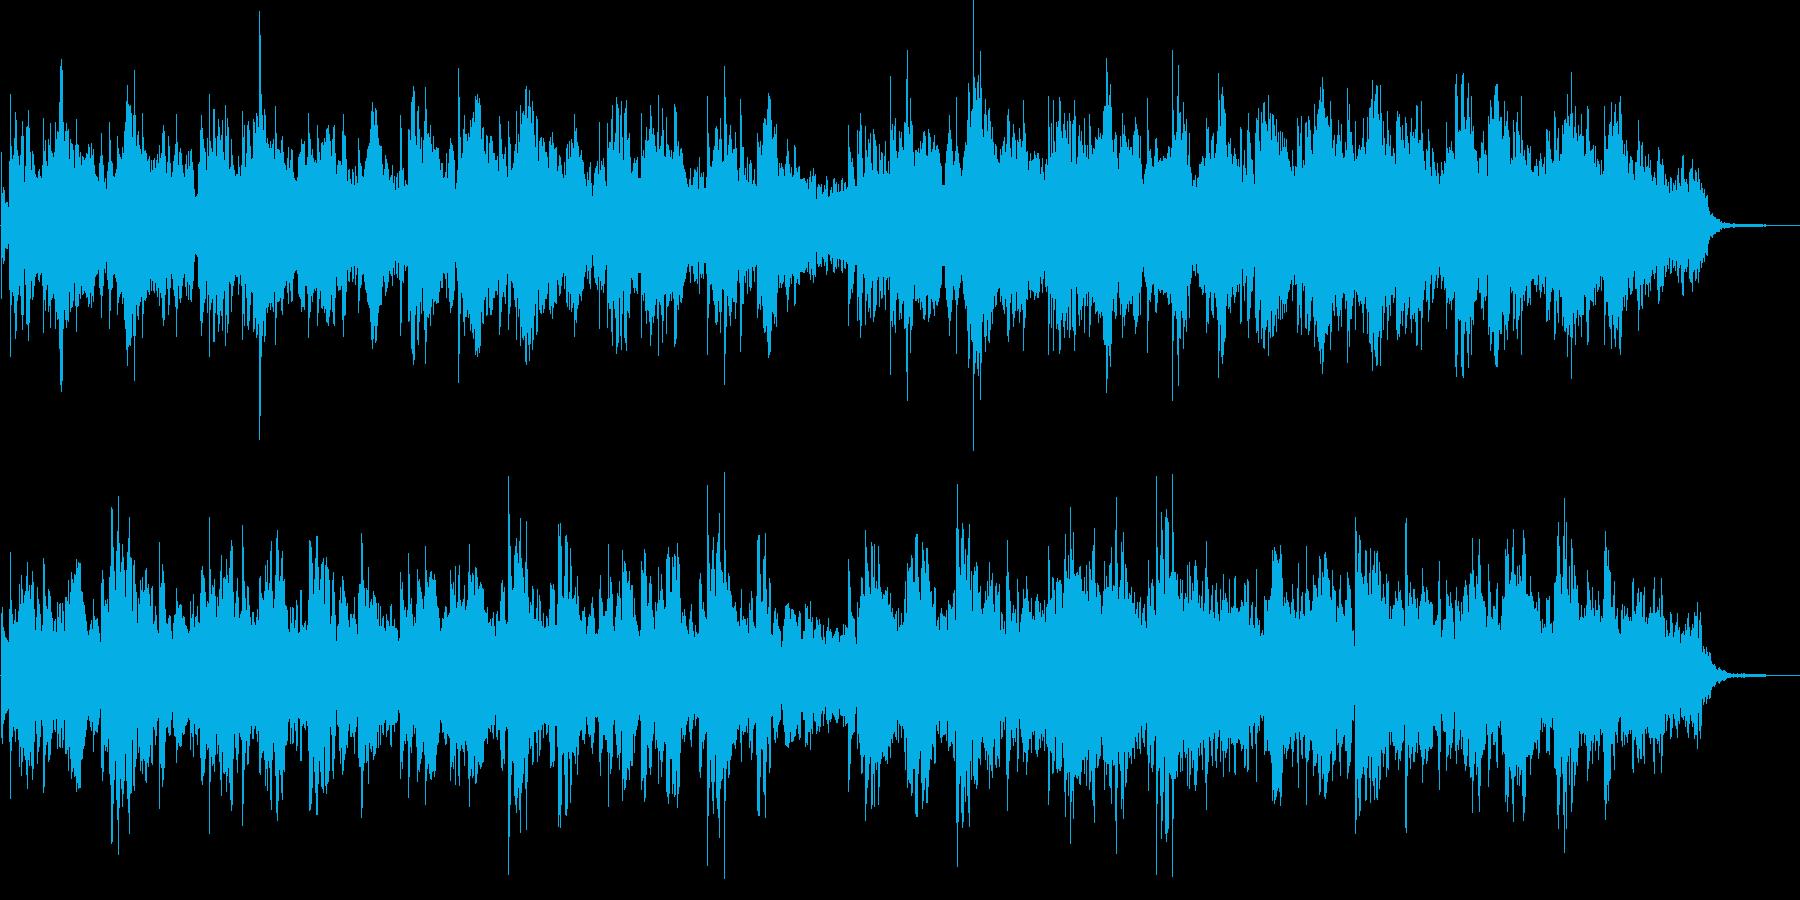 オルゴールが基調のスローバラードです。の再生済みの波形